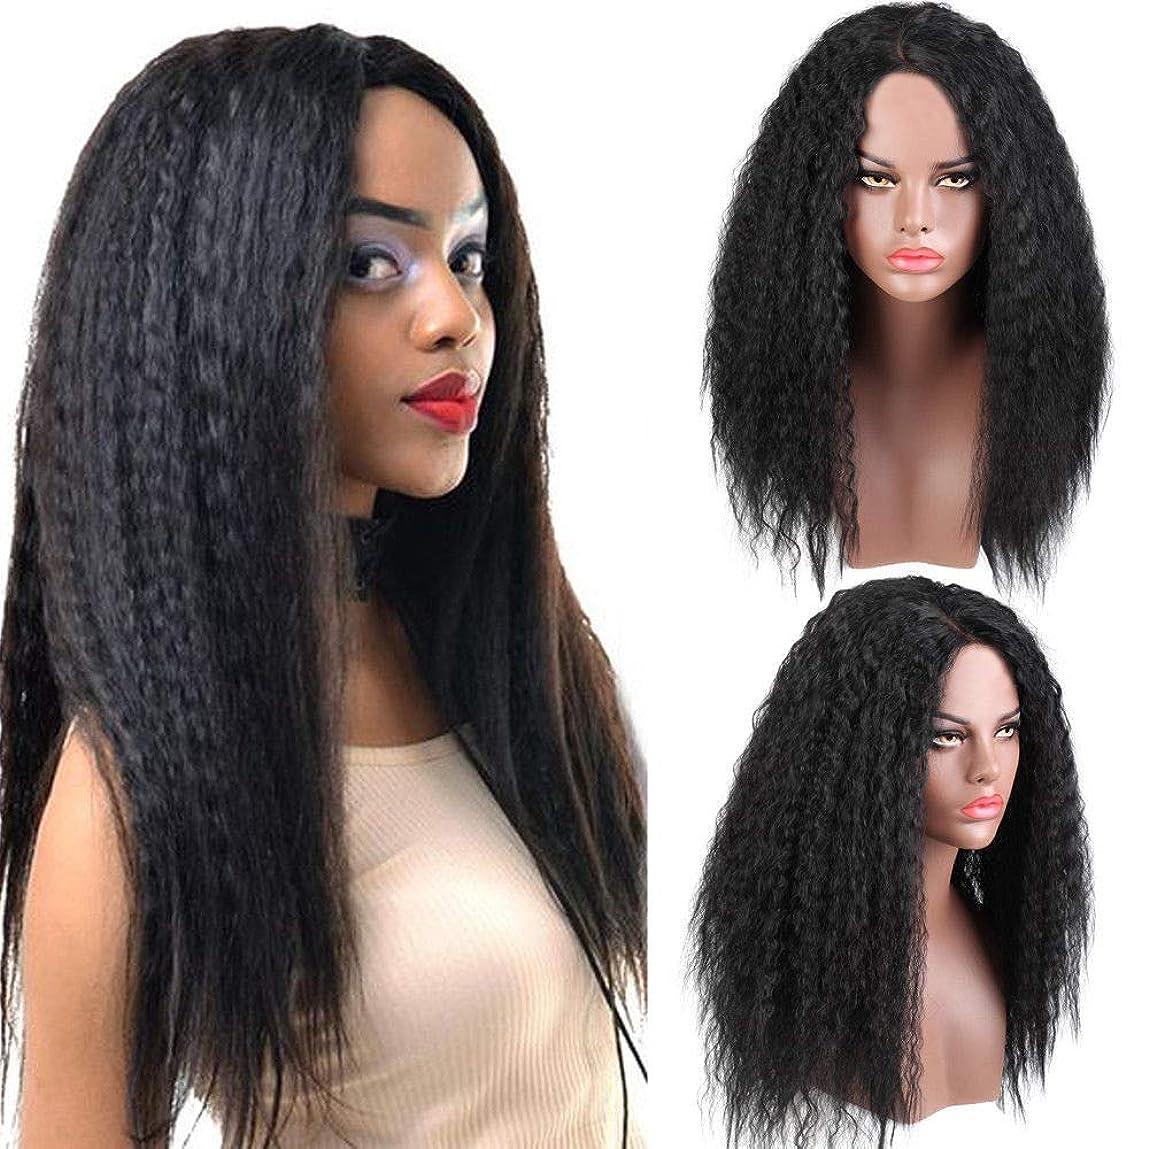 失望させる下次へブラジルのレースフロント人毛ウィッグ女性180%密度本物の髪黒レースかつらで赤ん坊の毛髪自然な生え際24インチ